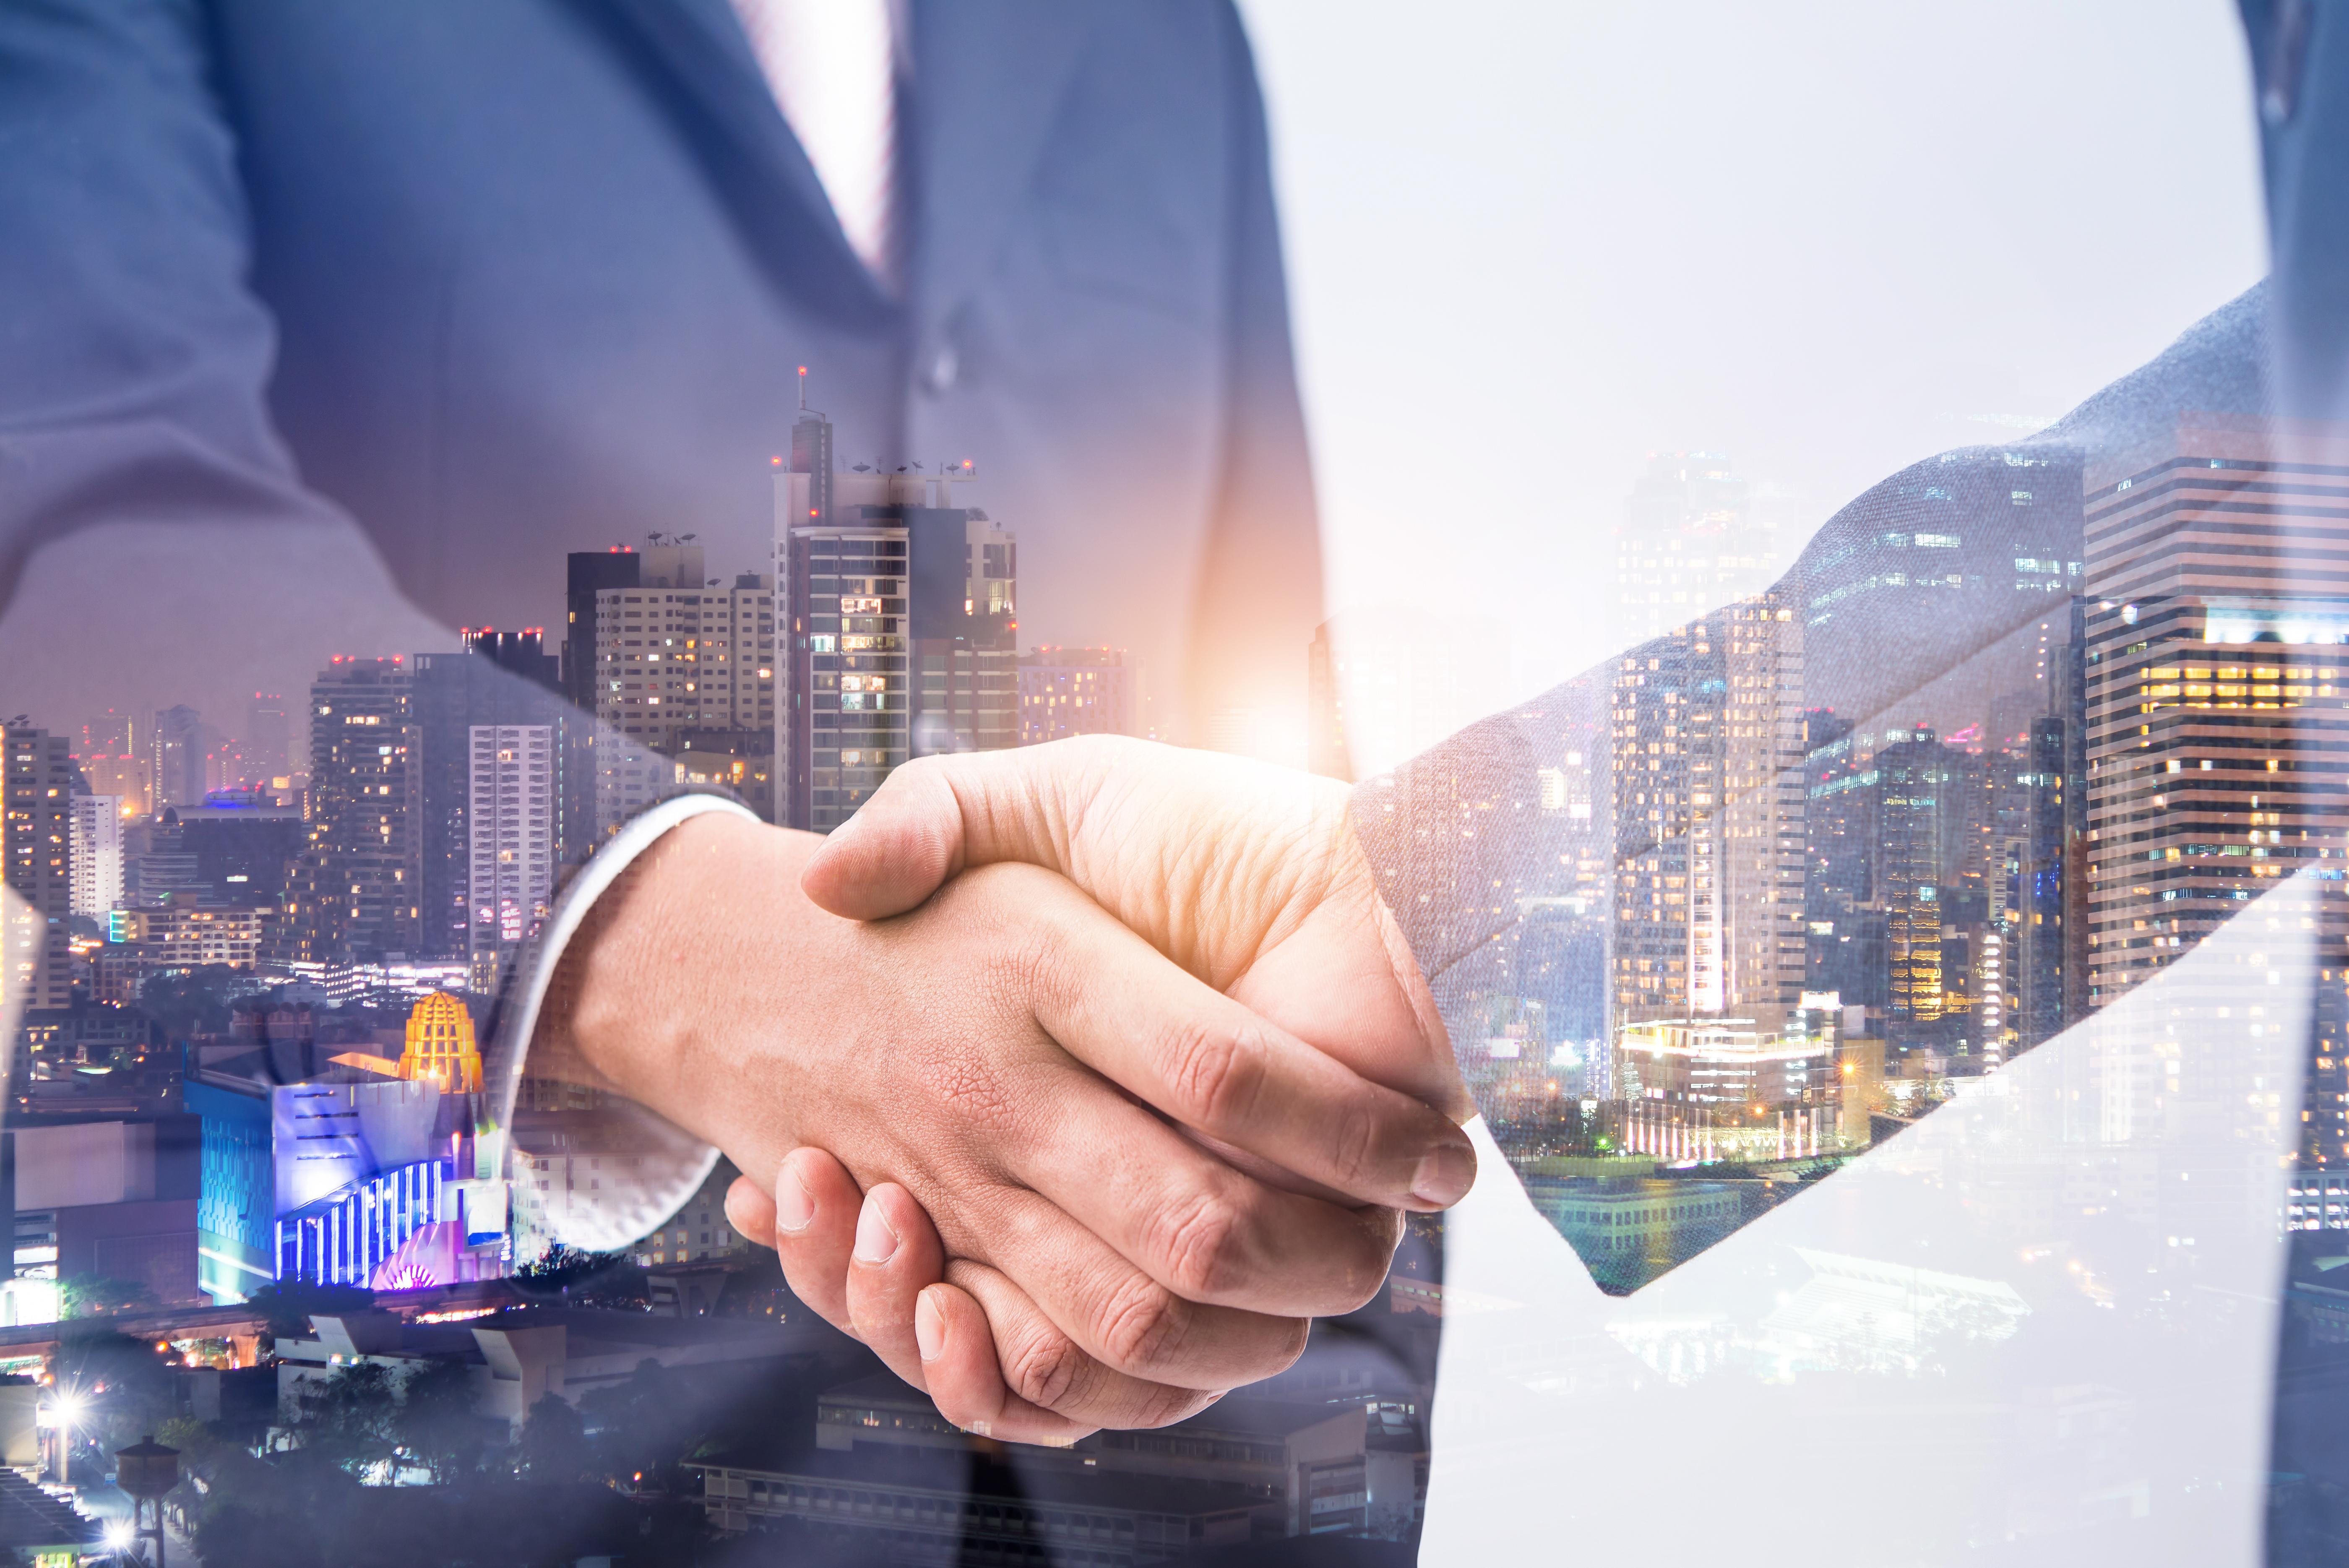 5 tipů: Jak vybírat obchodní partnery? Ověřte si, zda mají v pořádku svůj osobní život a jsou finančně stabilní